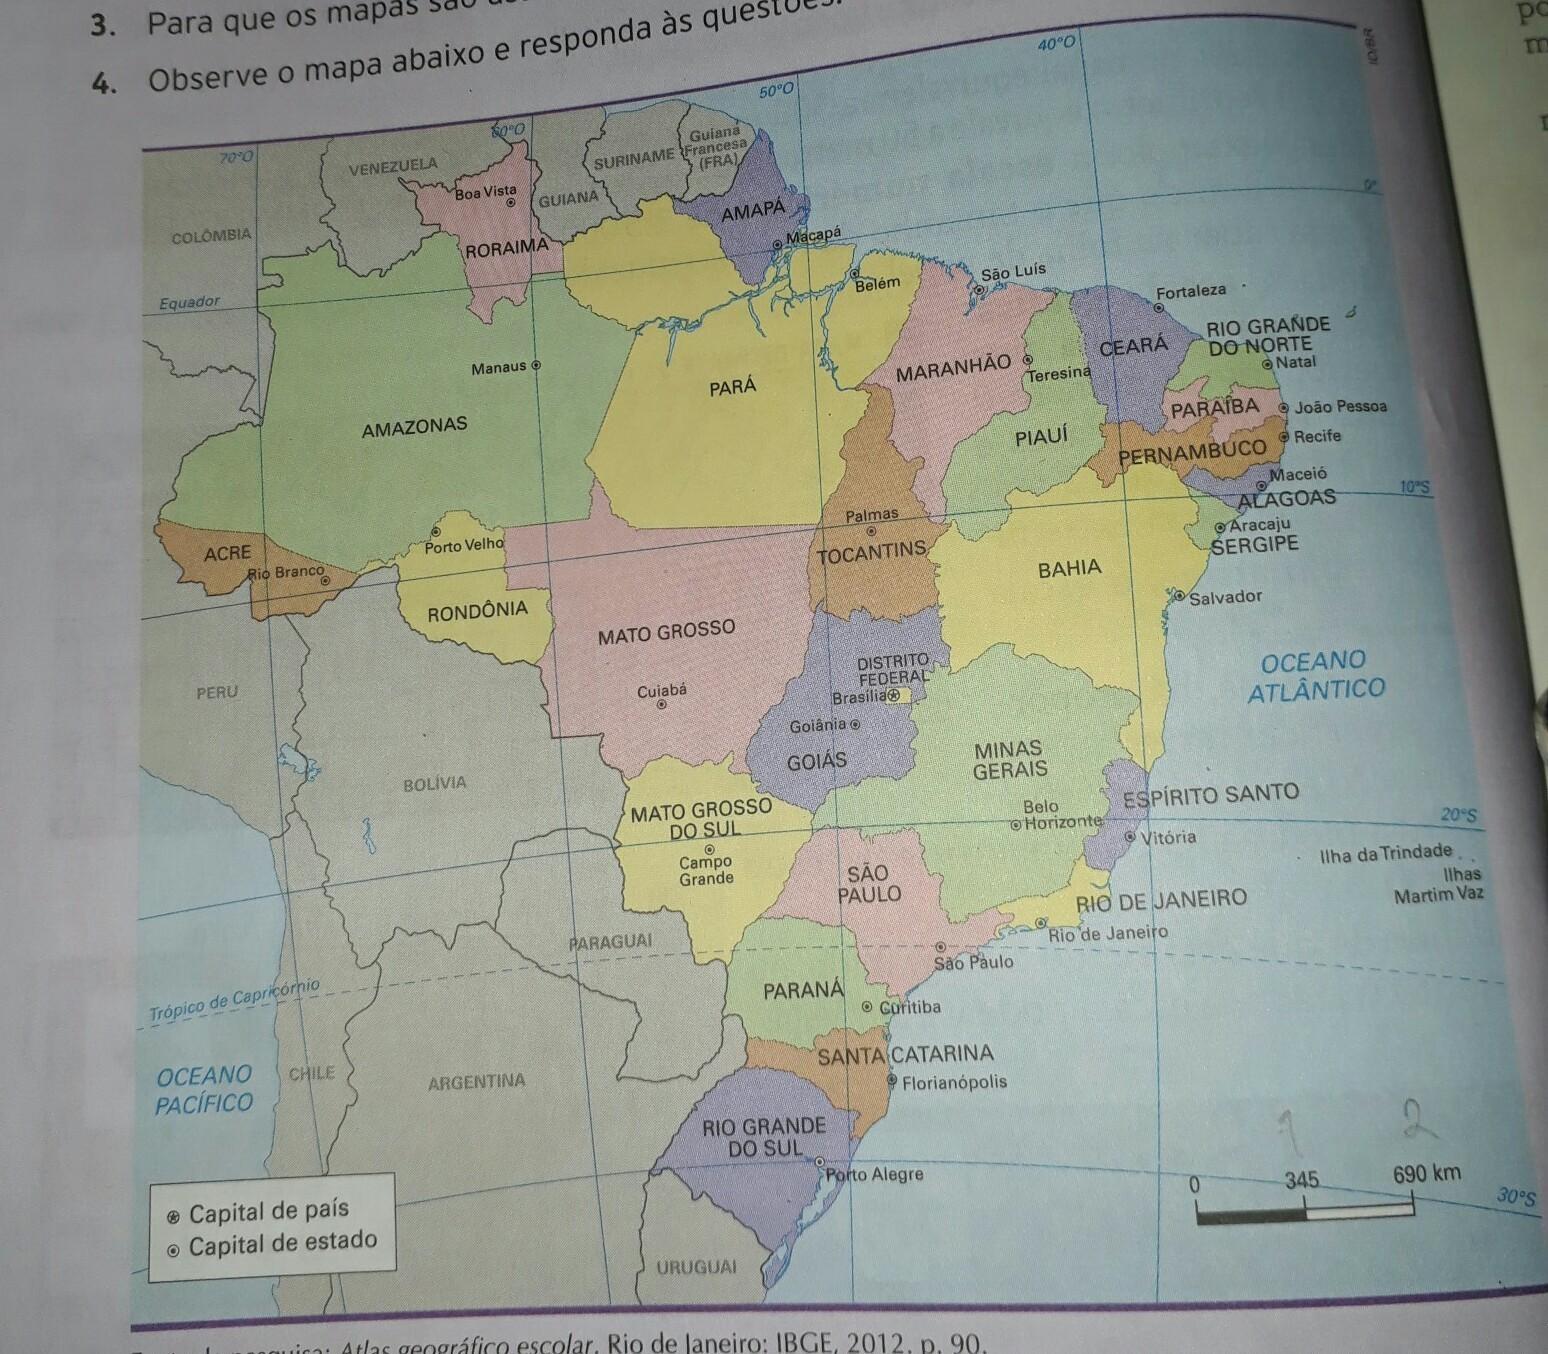 mapa quilometros nesse mapa, 1 centímetro equivale a quantos quilômetros?   Brainly  mapa quilometros